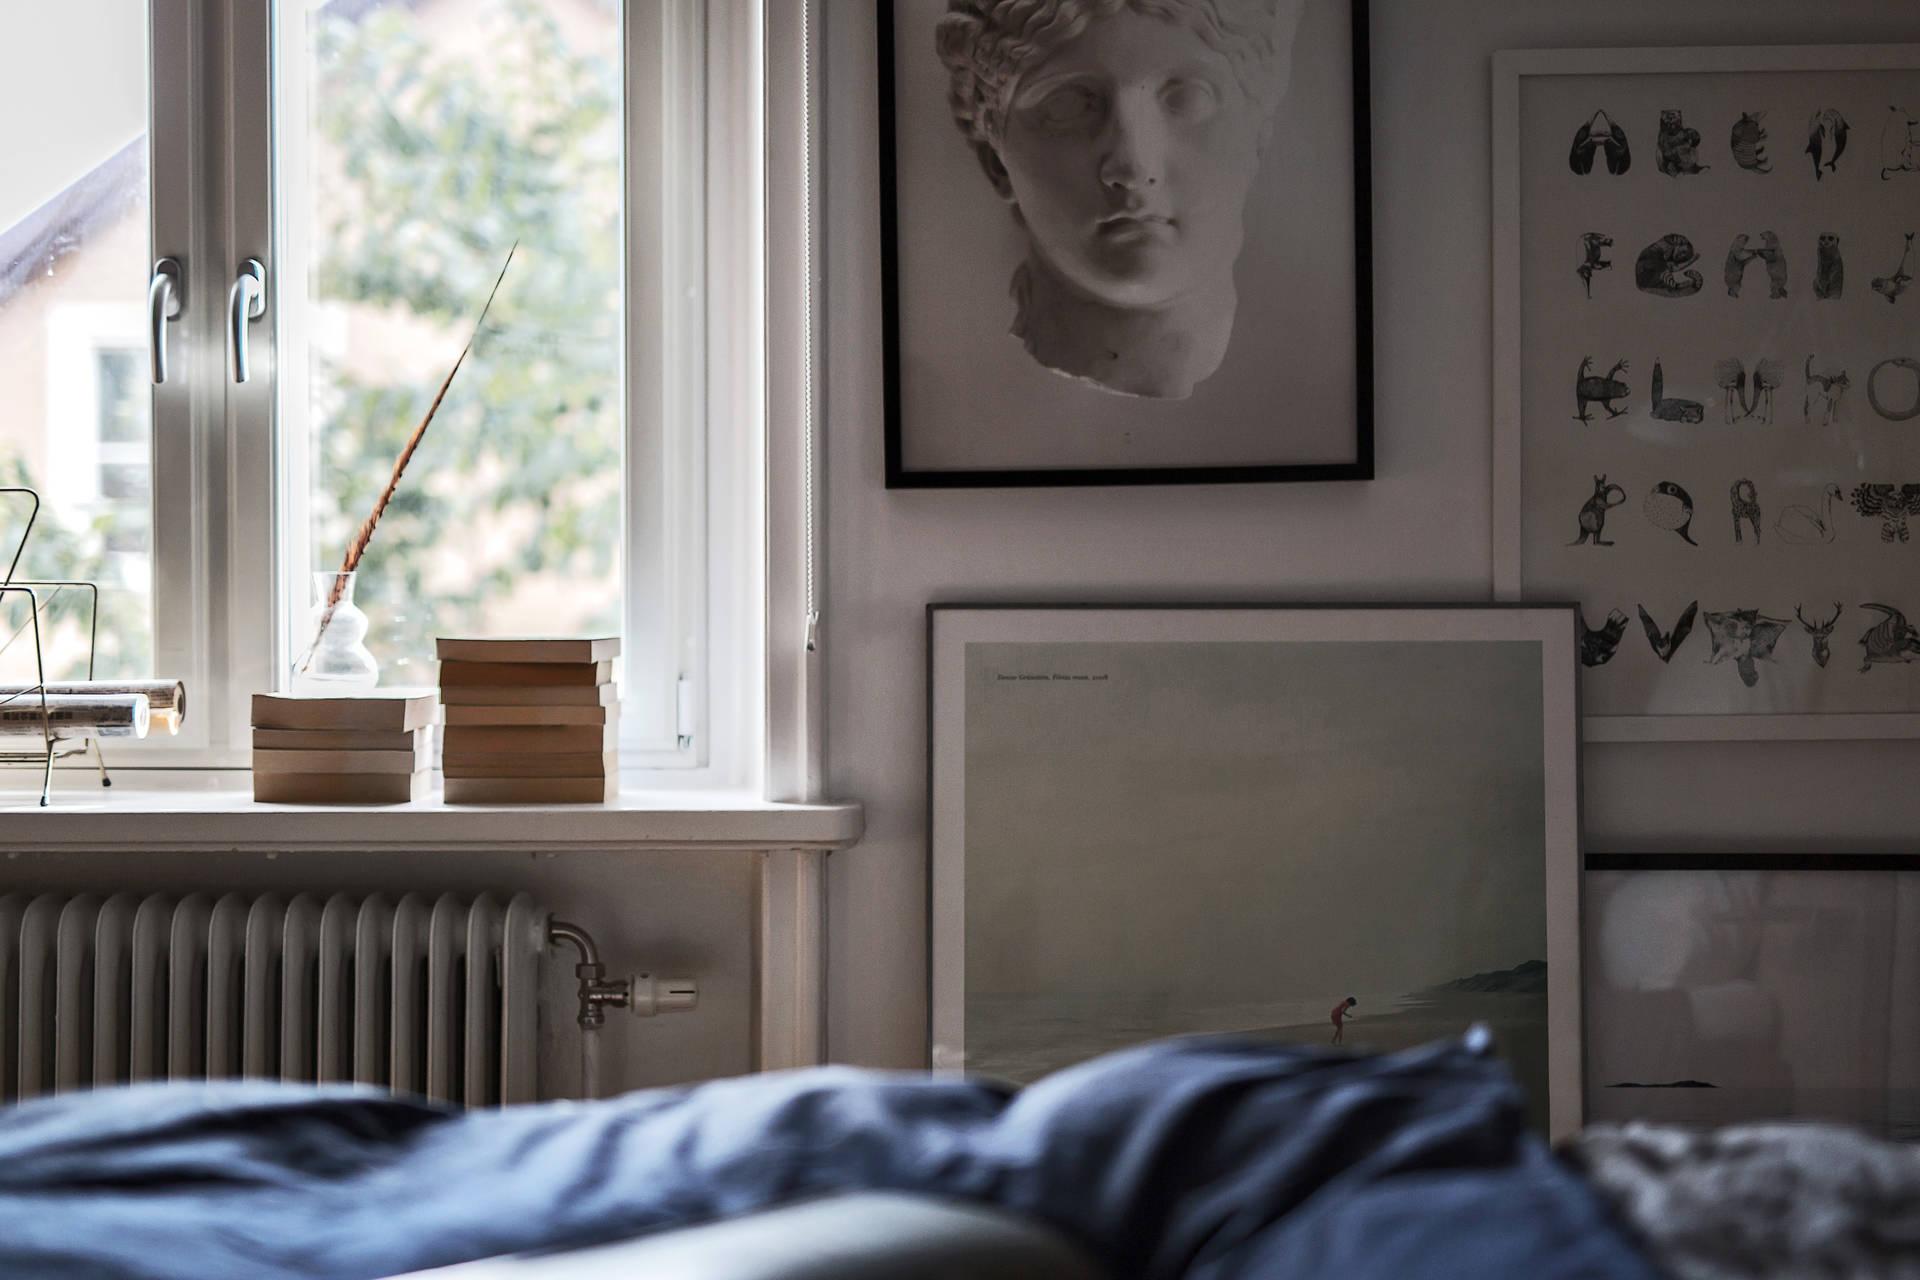 спальня картины окно подоконник